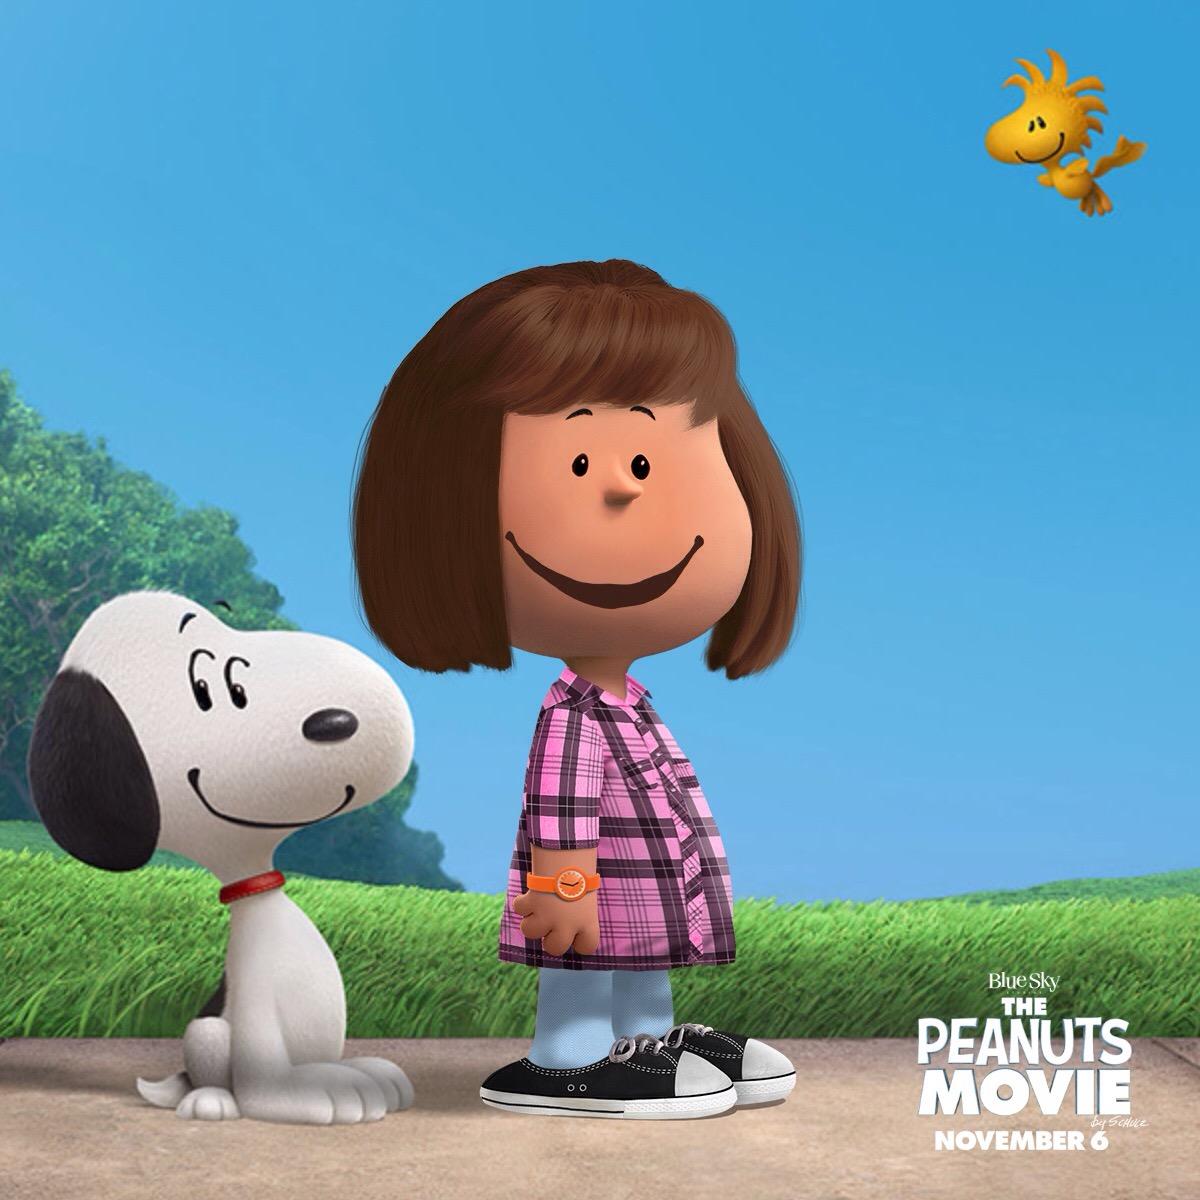 Peanuts Movie Giveaway!